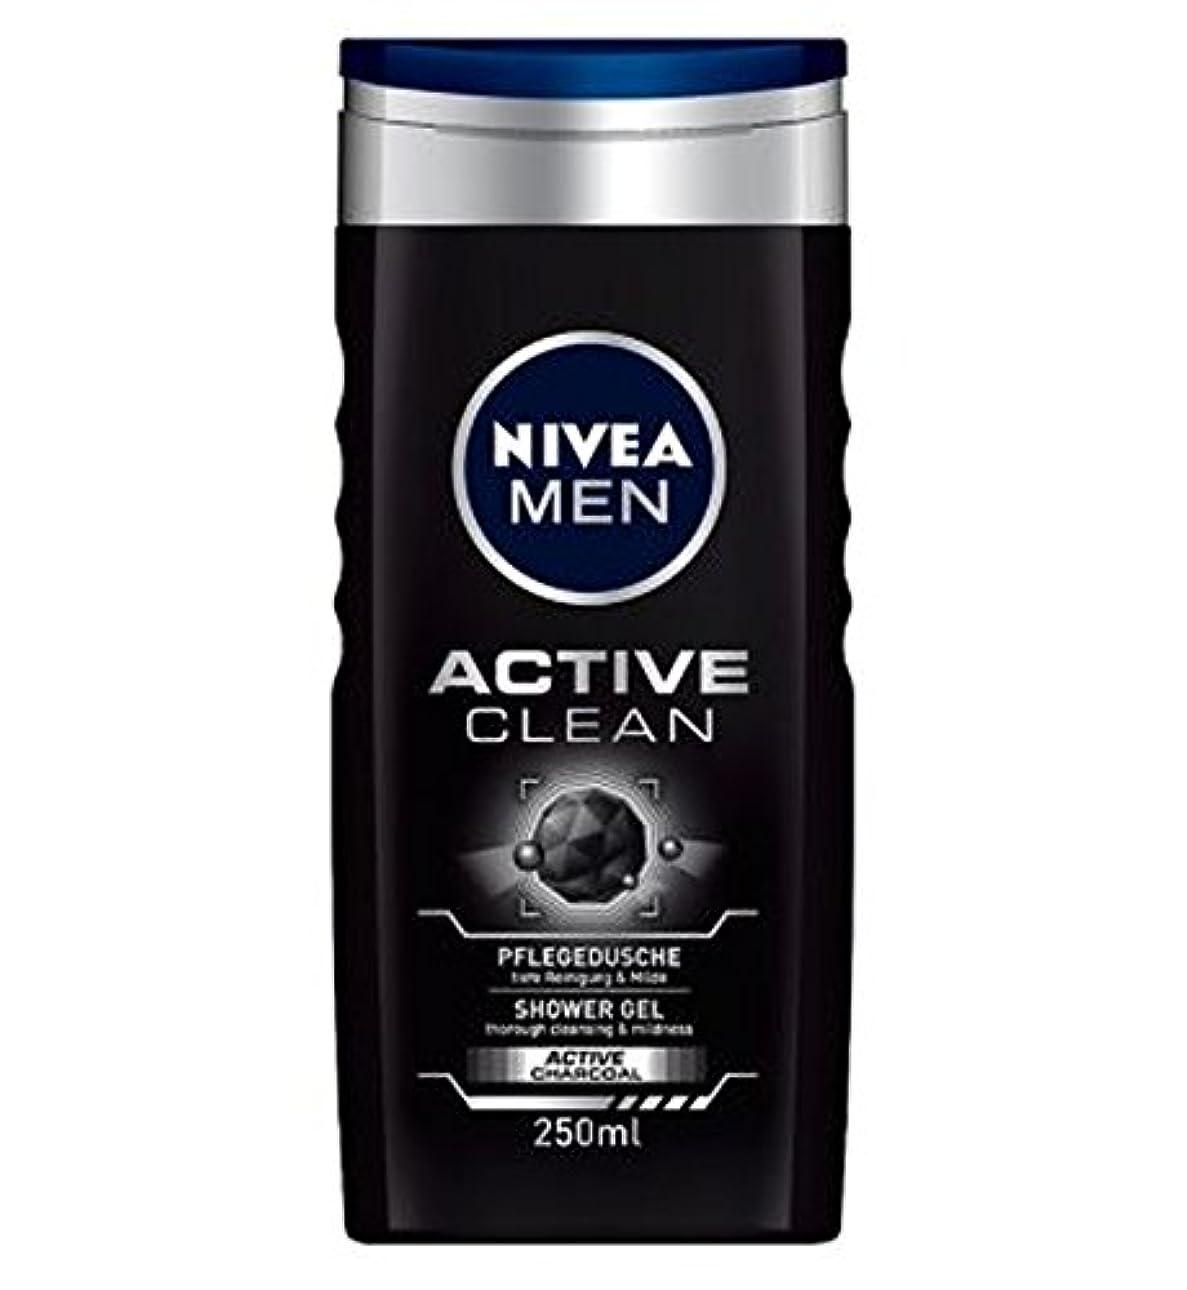 しみ動メドレーNIVEA MEN Active Clean Shower Gel 250ml - ニベアの男性アクティブクリーンシャワージェル250ミリリットル (Nivea) [並行輸入品]